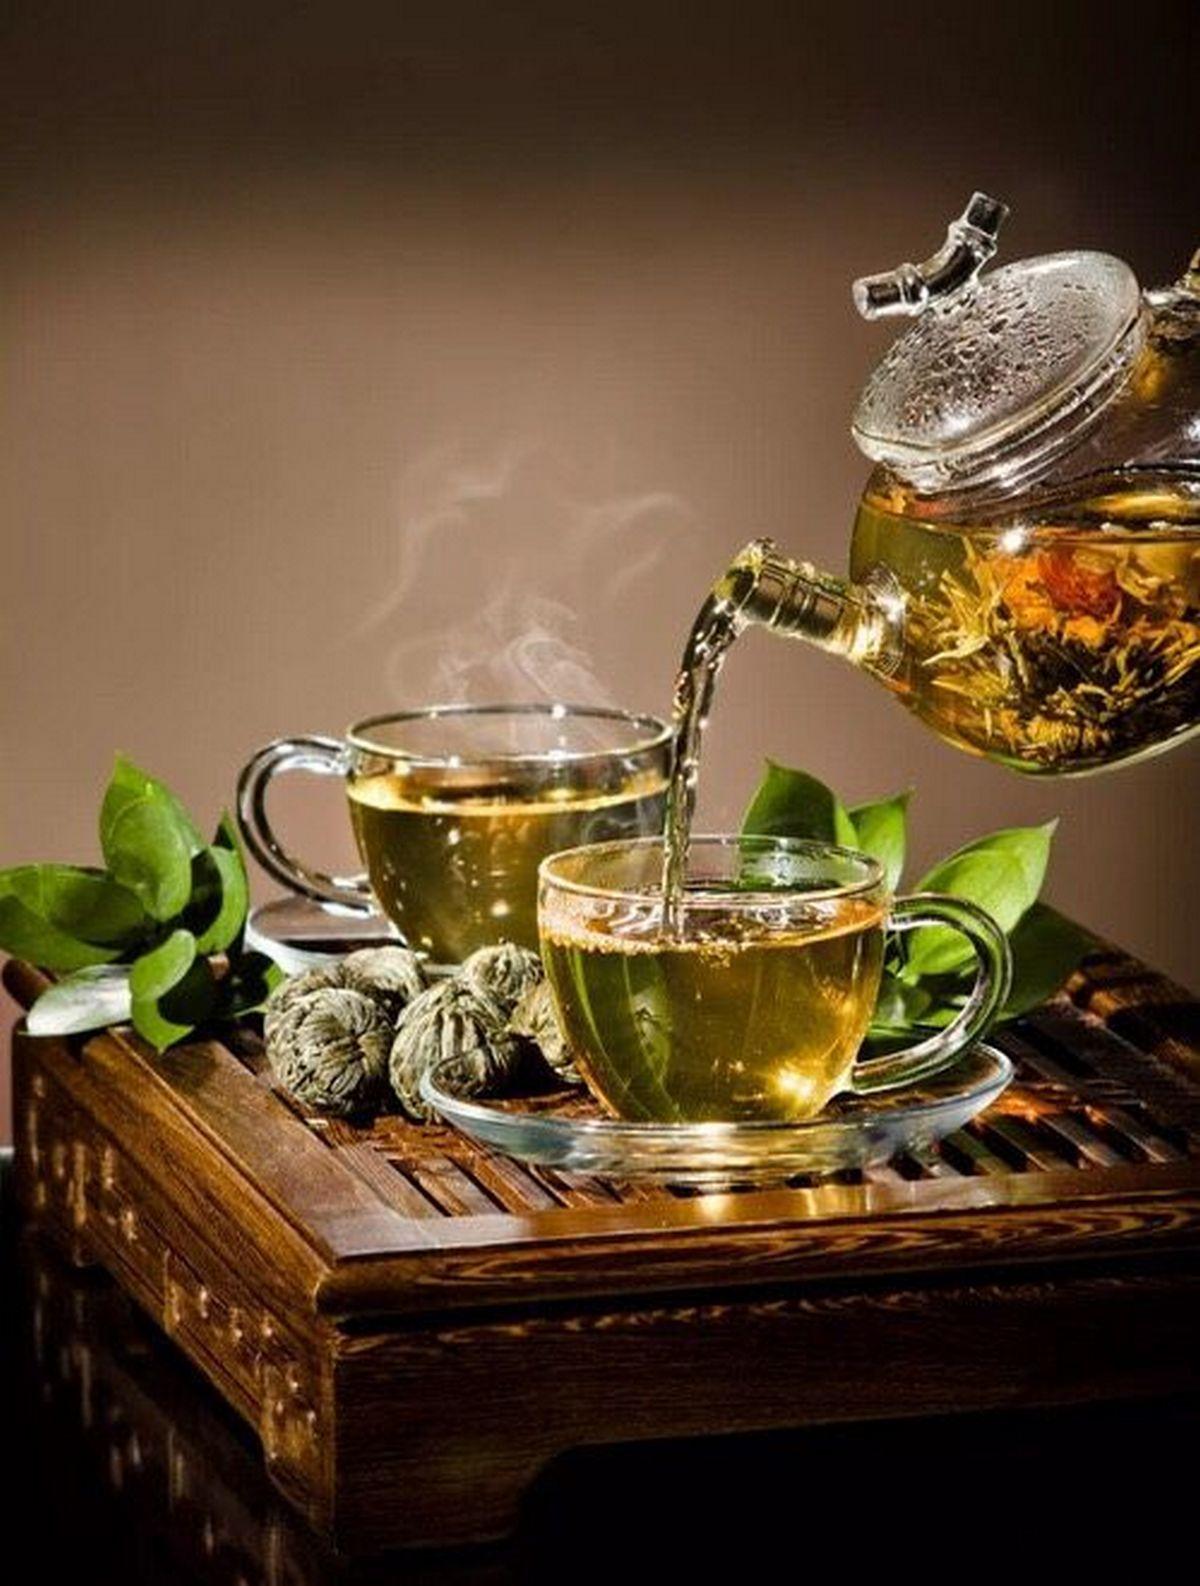 Красивое фото чаепития